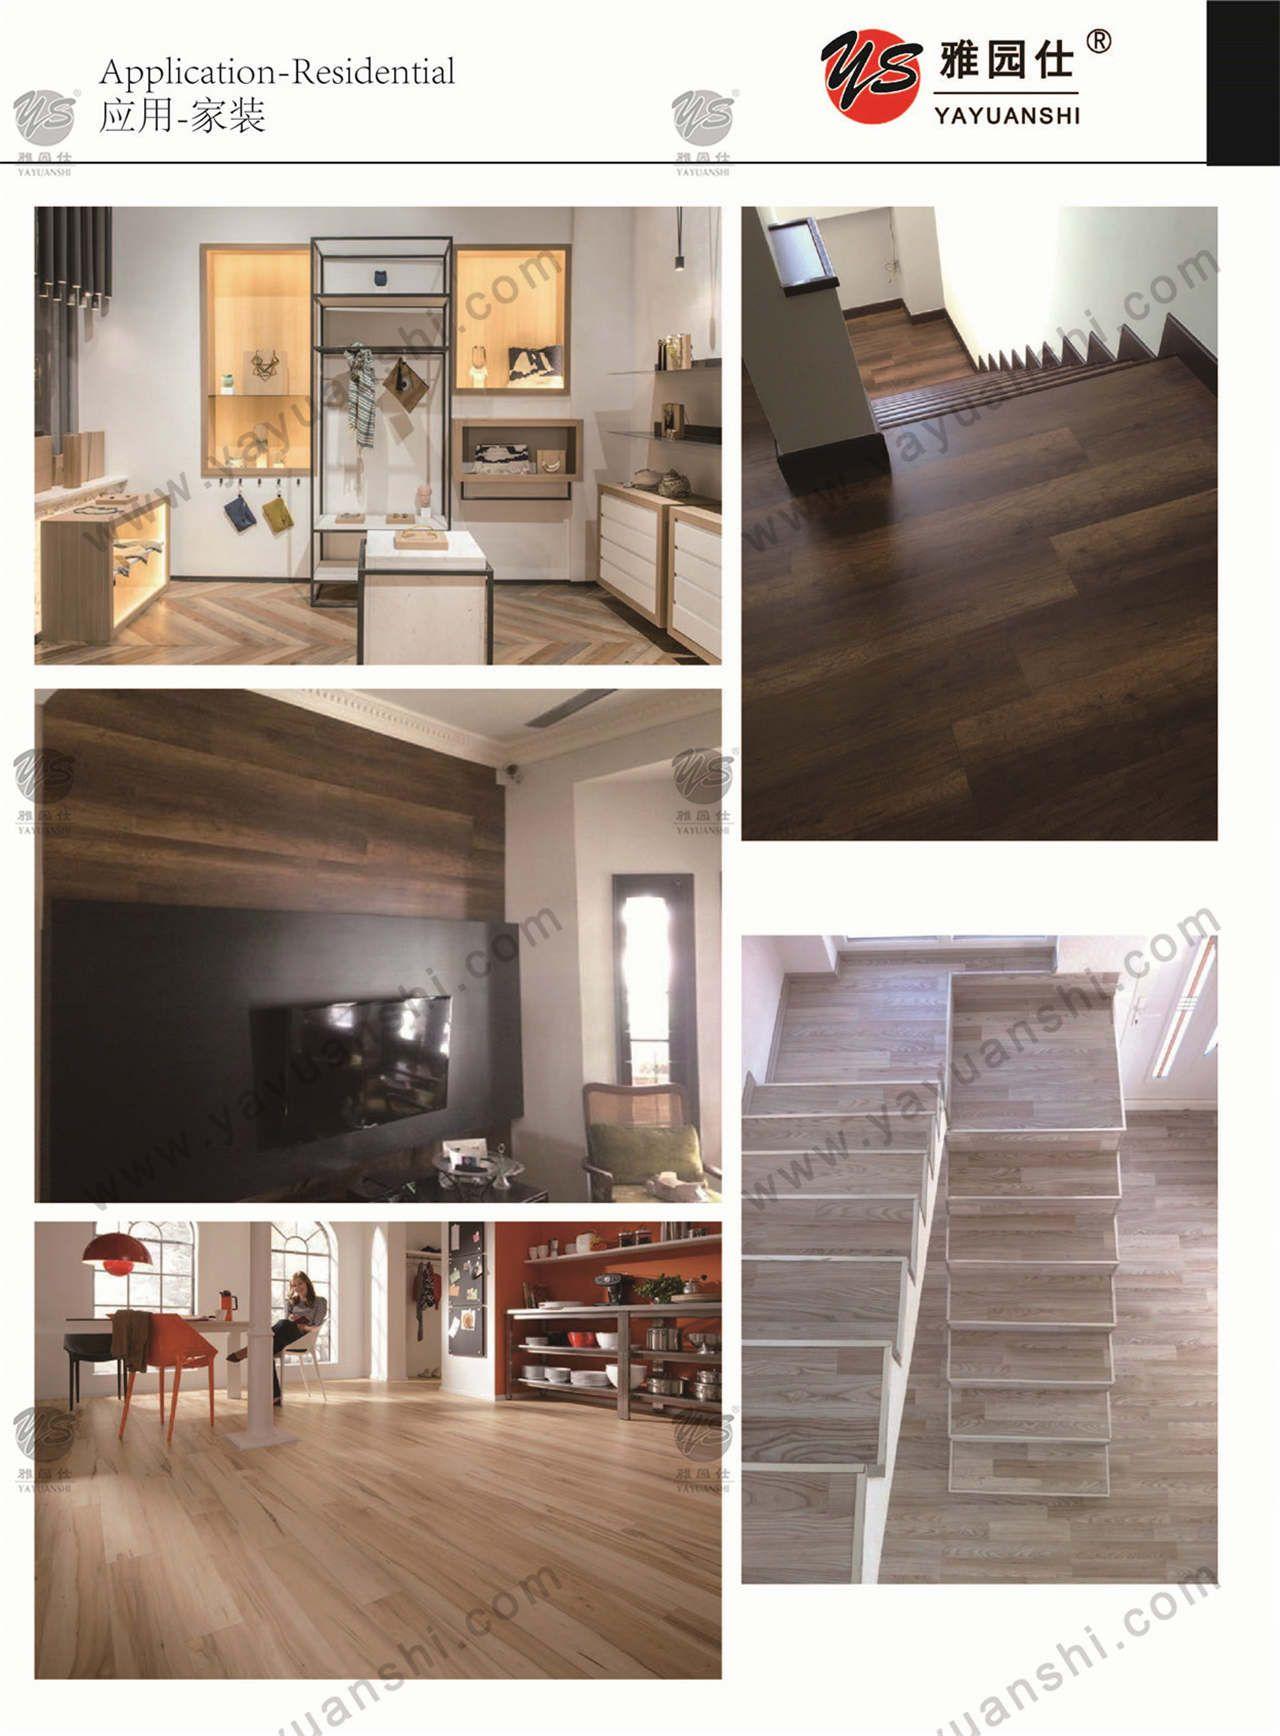 Yayuanshi pvc vinyl flooringspc flooring luxury vinyl tiles yayuanshi pvc vinyl flooringspc flooring luxury vinyl tilesplanks dailygadgetfo Choice Image